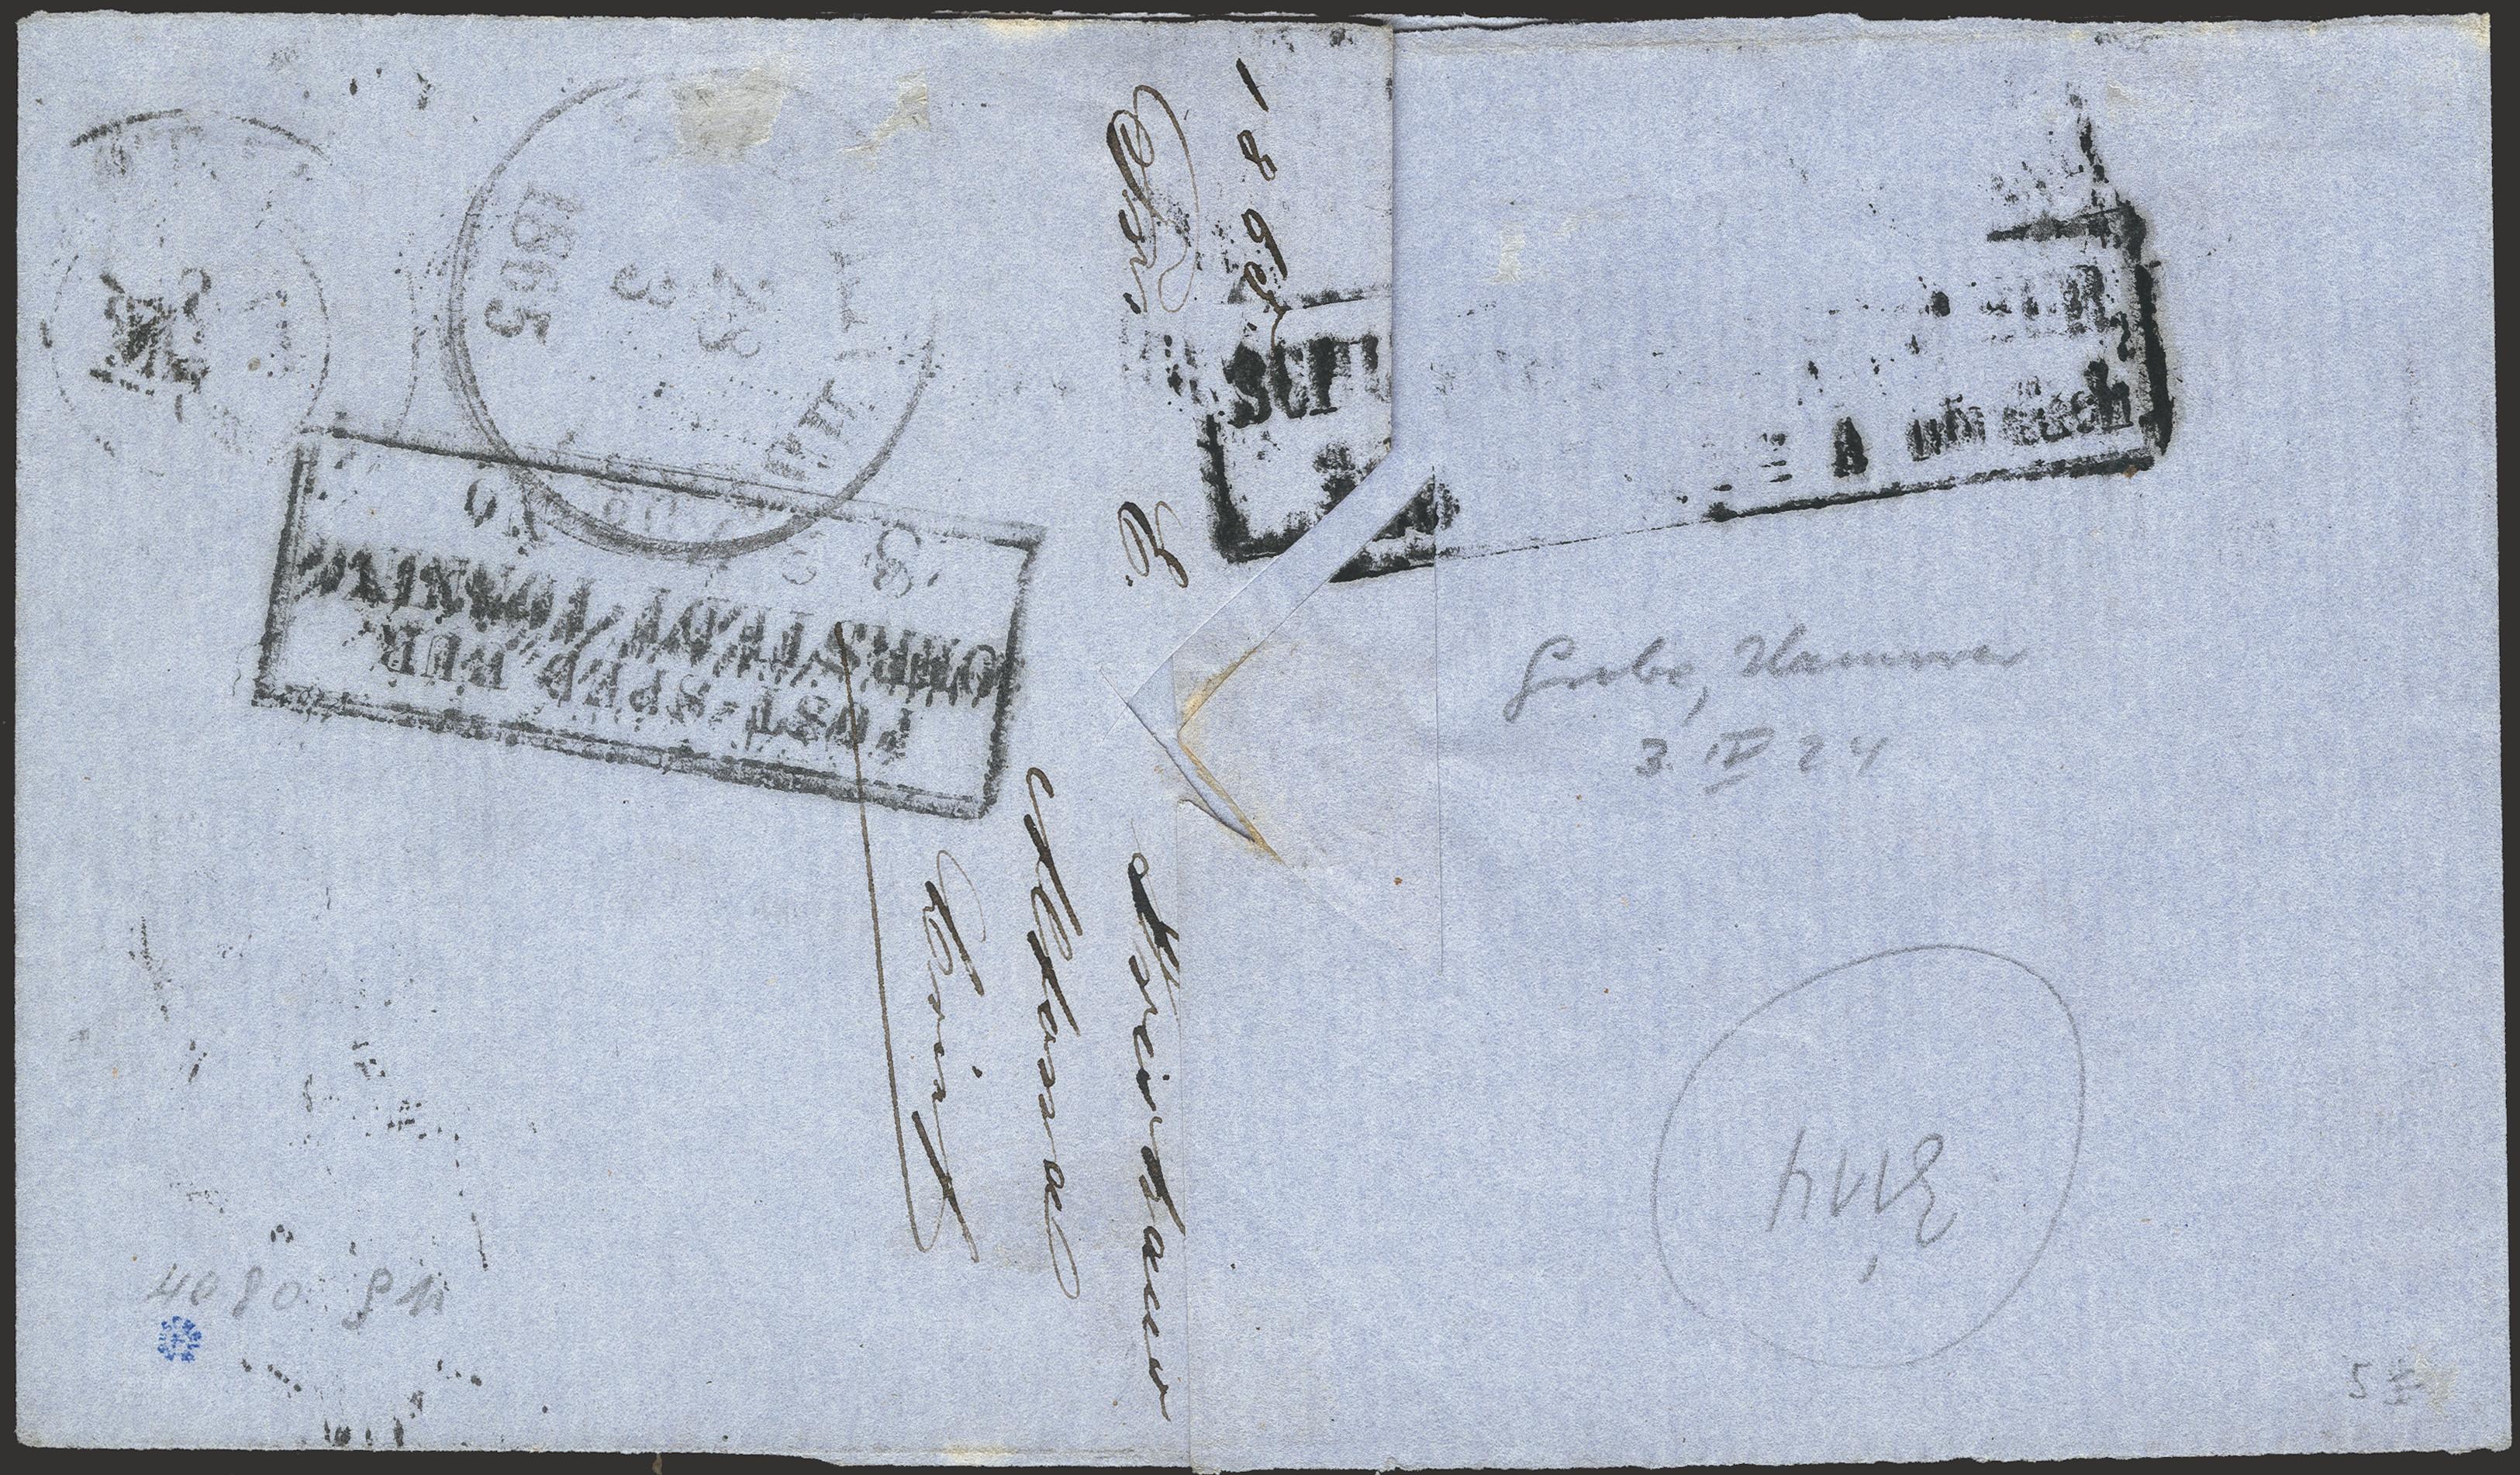 Lot 275 - german states schleswig-holstein -  Heinrich Koehler Auktionen Heinrich Köhler Auction 376 - Day 6